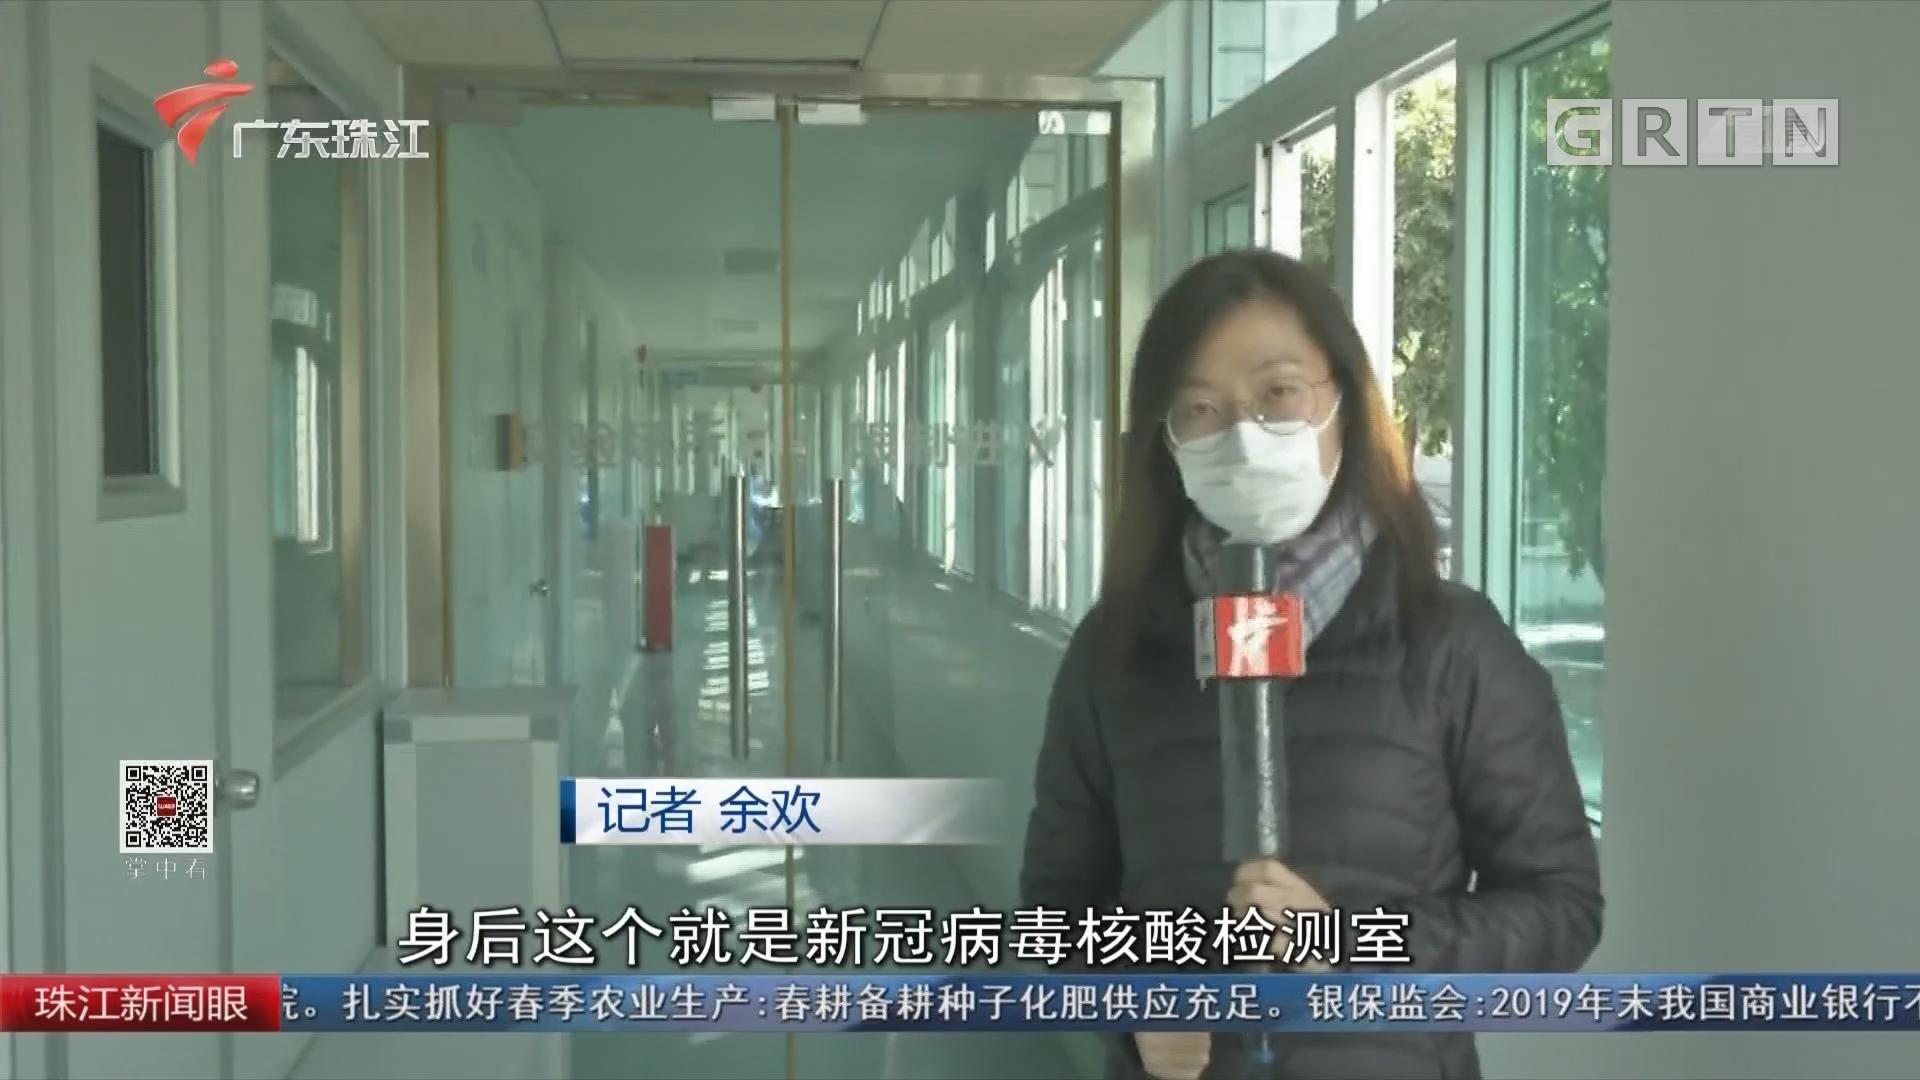 新冠病毒核酸检测室